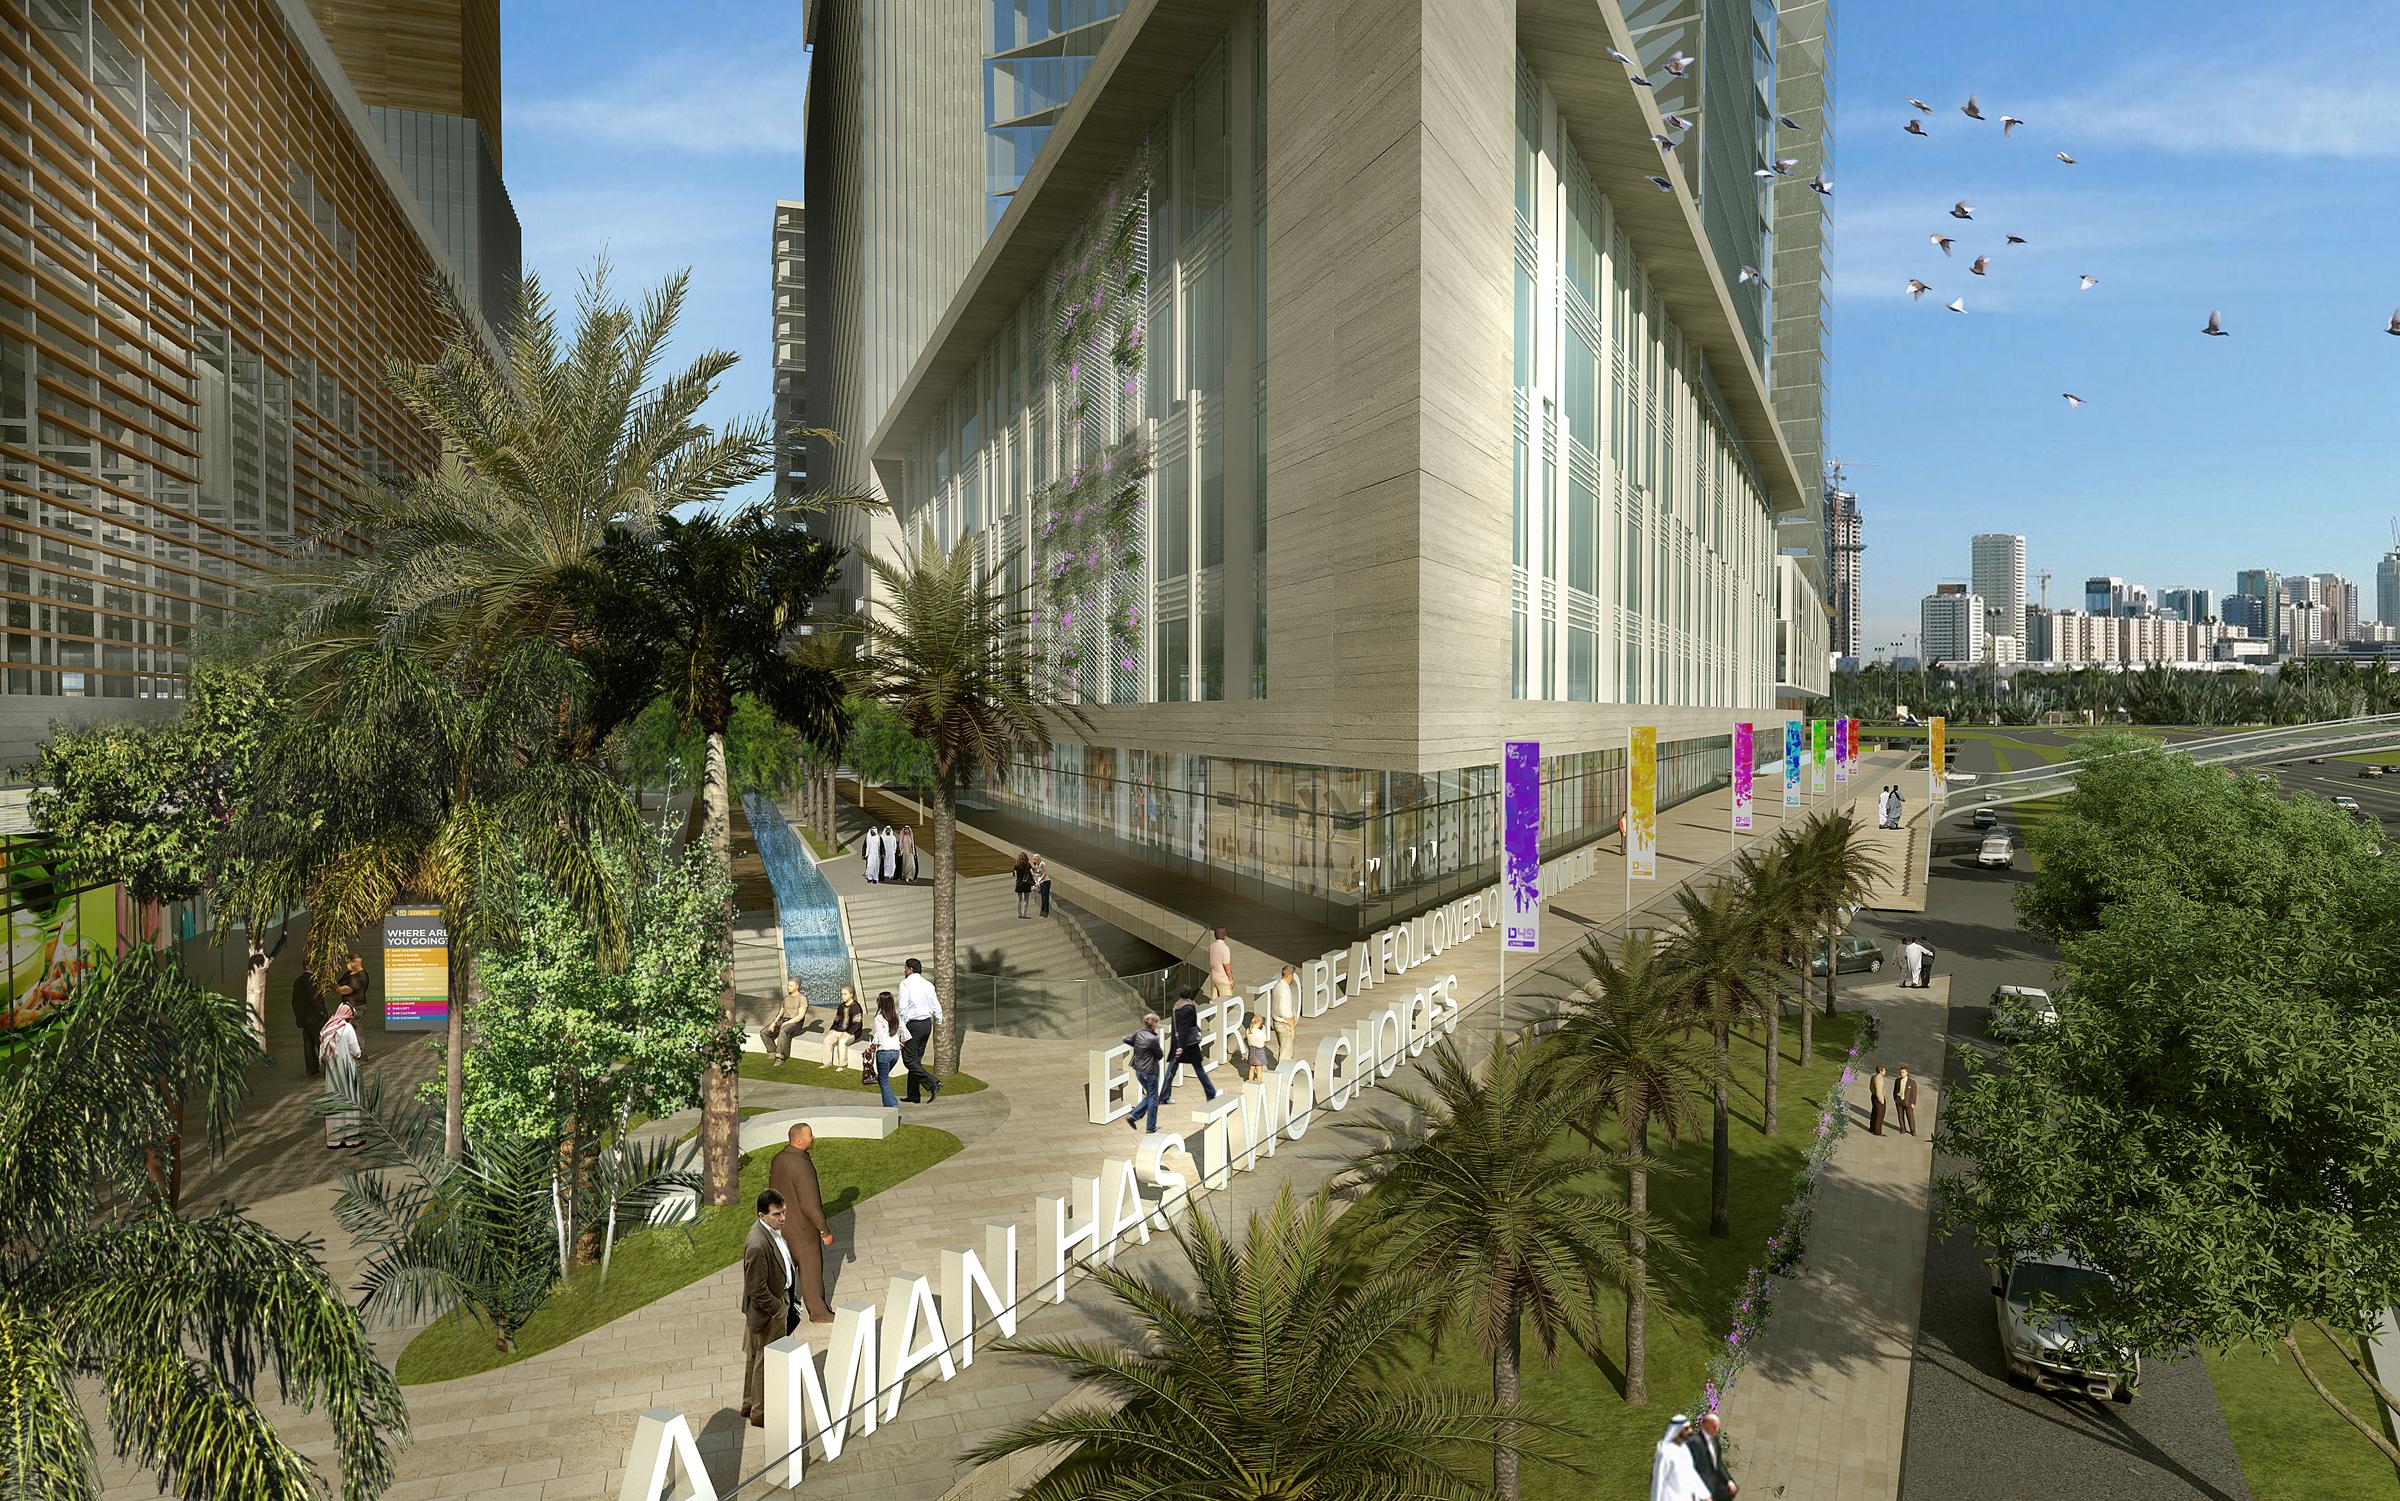 7. 023_D49 Living_Al Kifaf Promenade copy.jpg